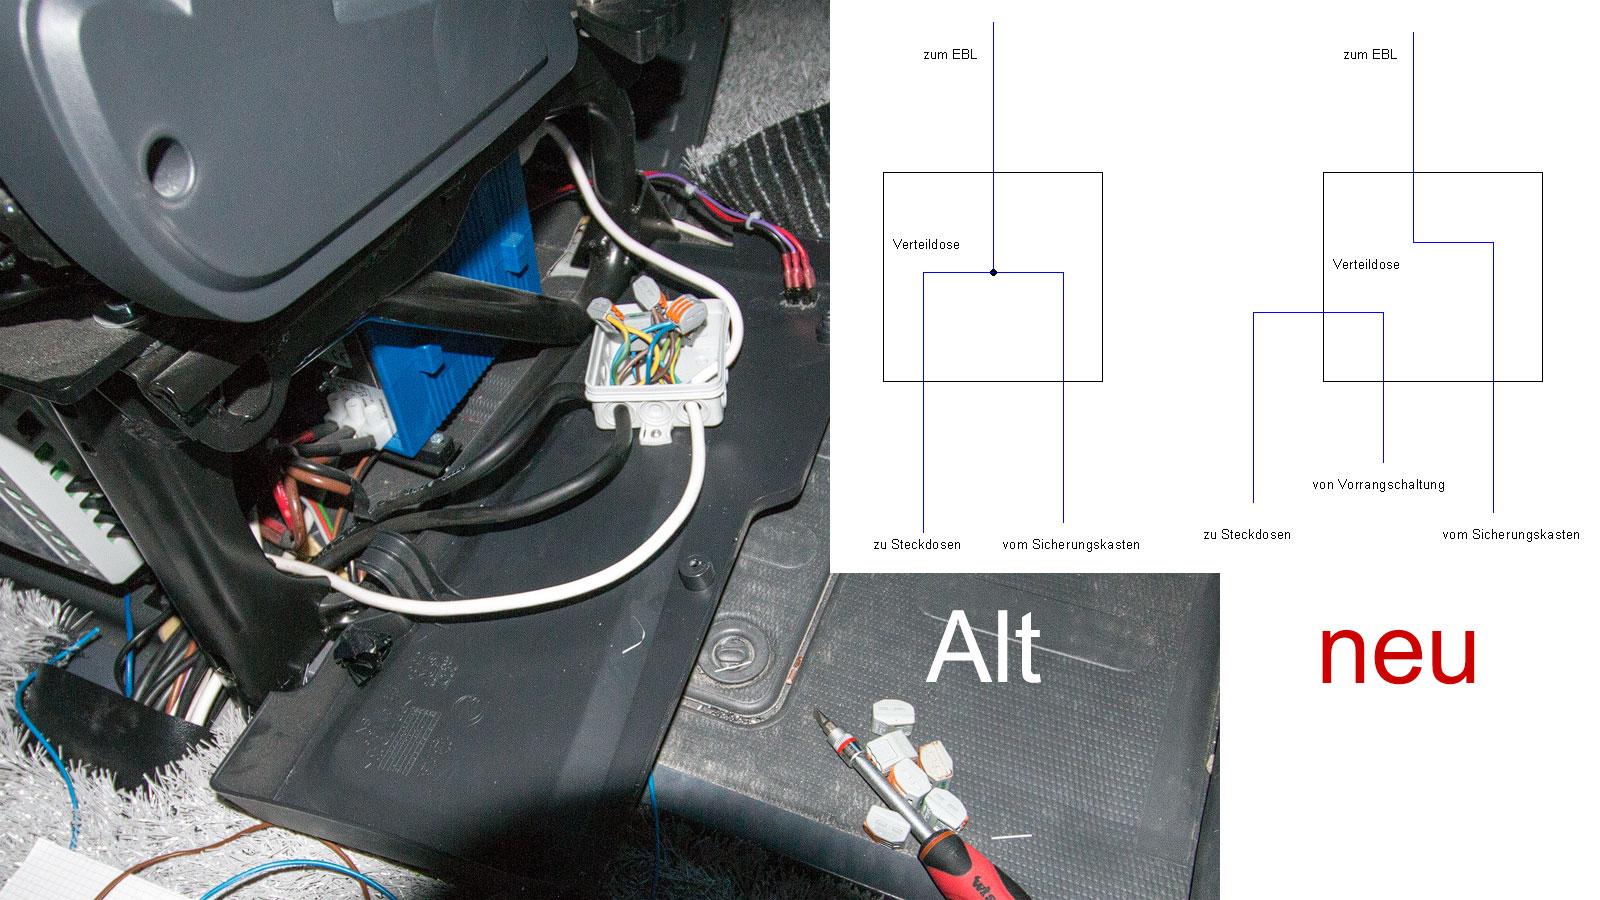 sicherungskasten anschlie en 50v zwischen erdung und nullleiter gemessen elektro forum. Black Bedroom Furniture Sets. Home Design Ideas